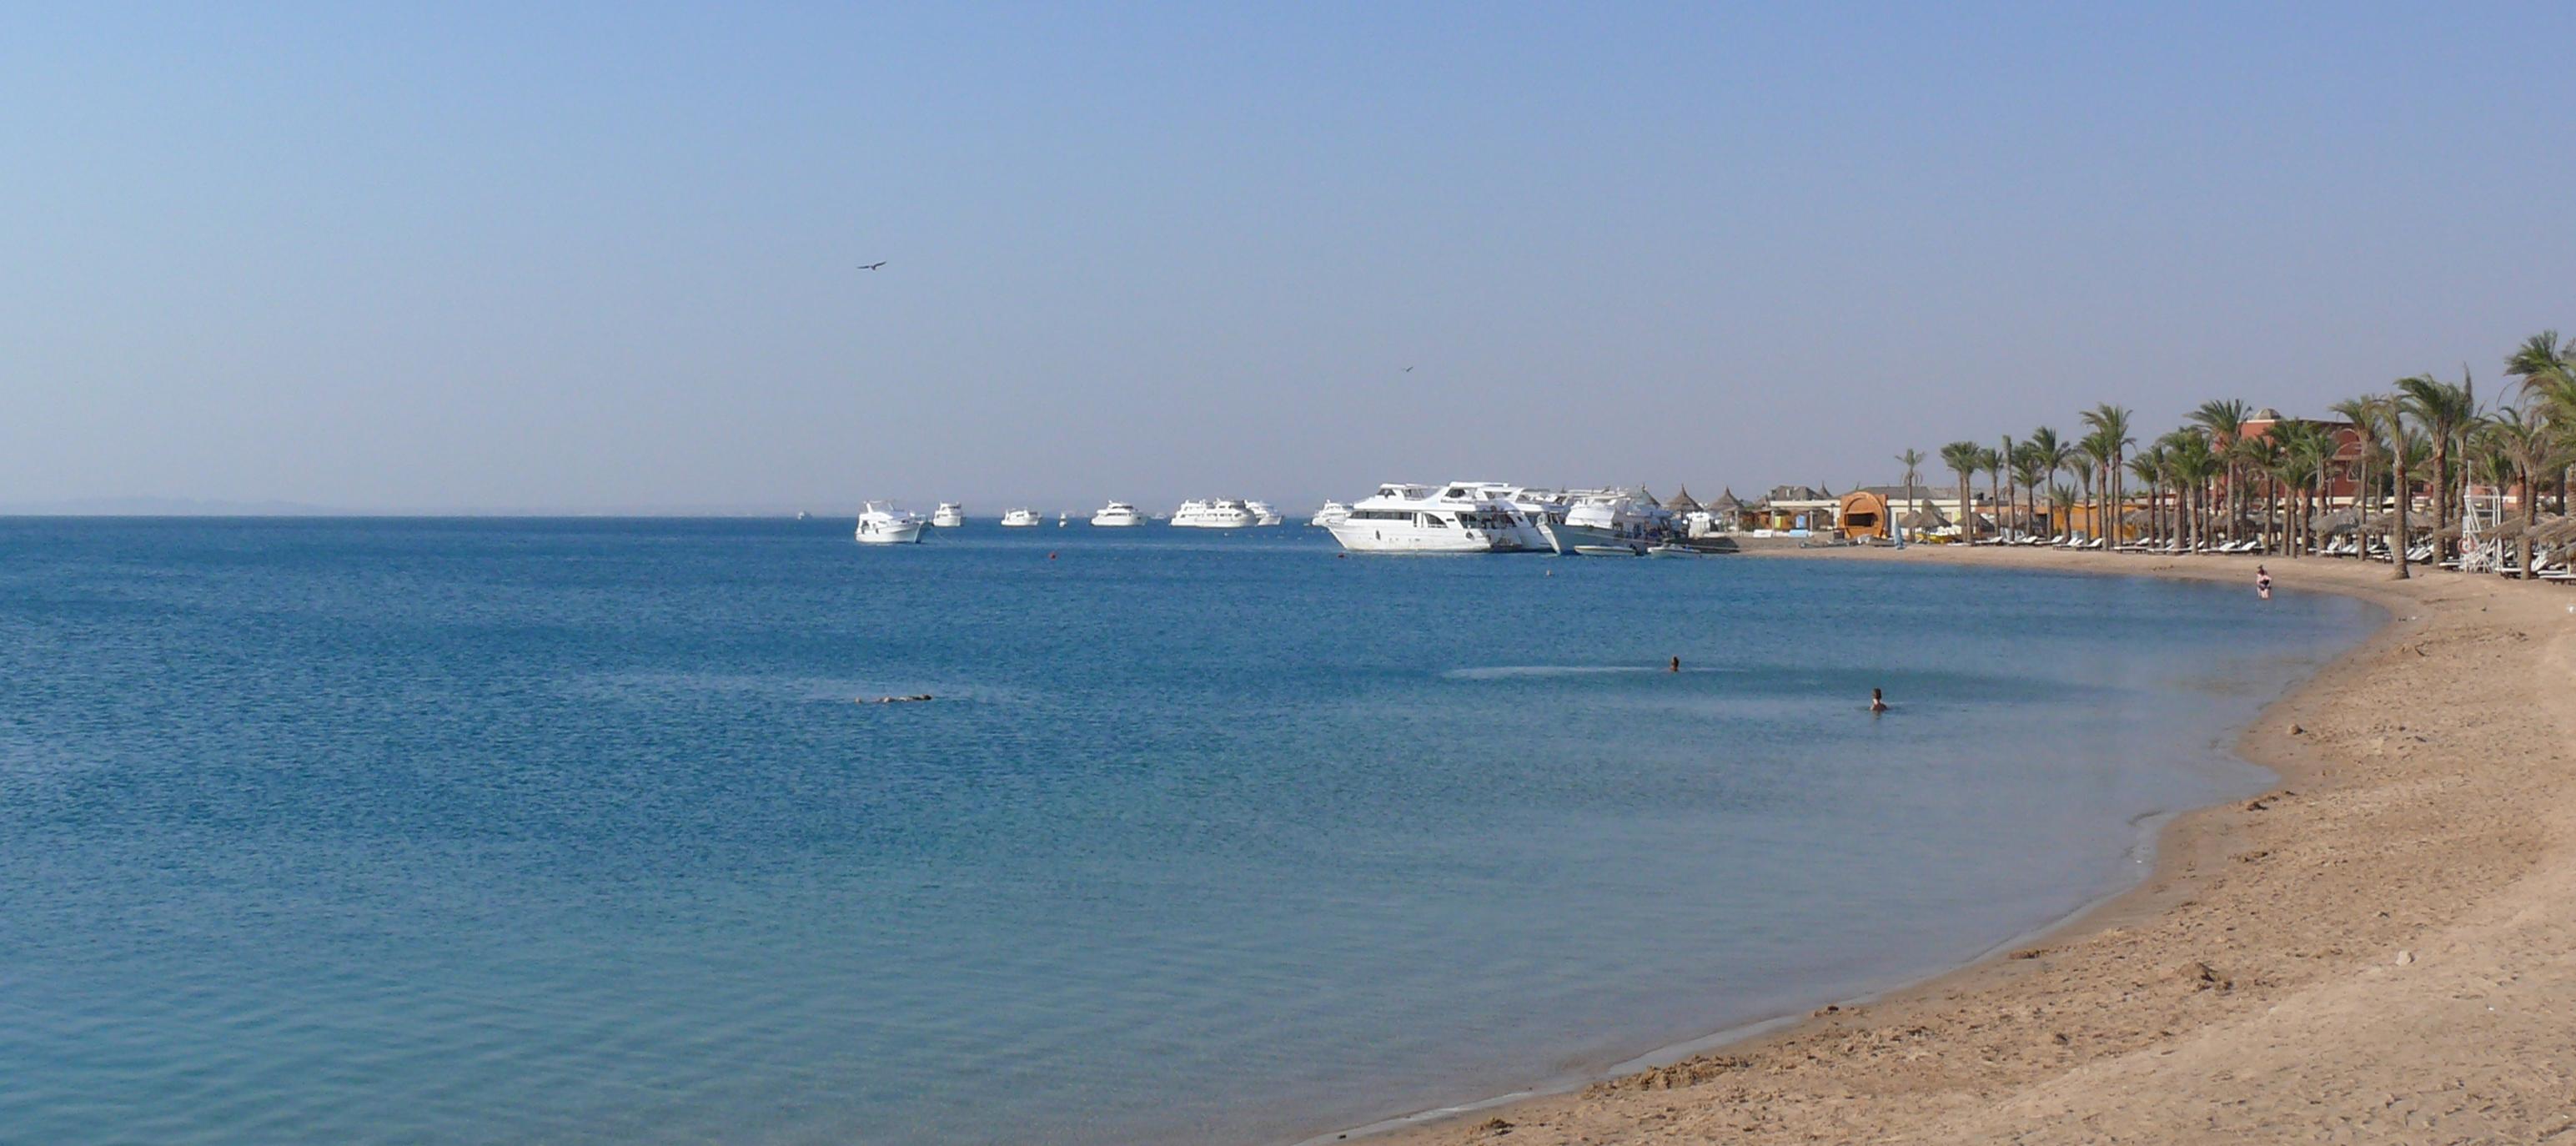 File:Hurghada beach 01.JPG Beach